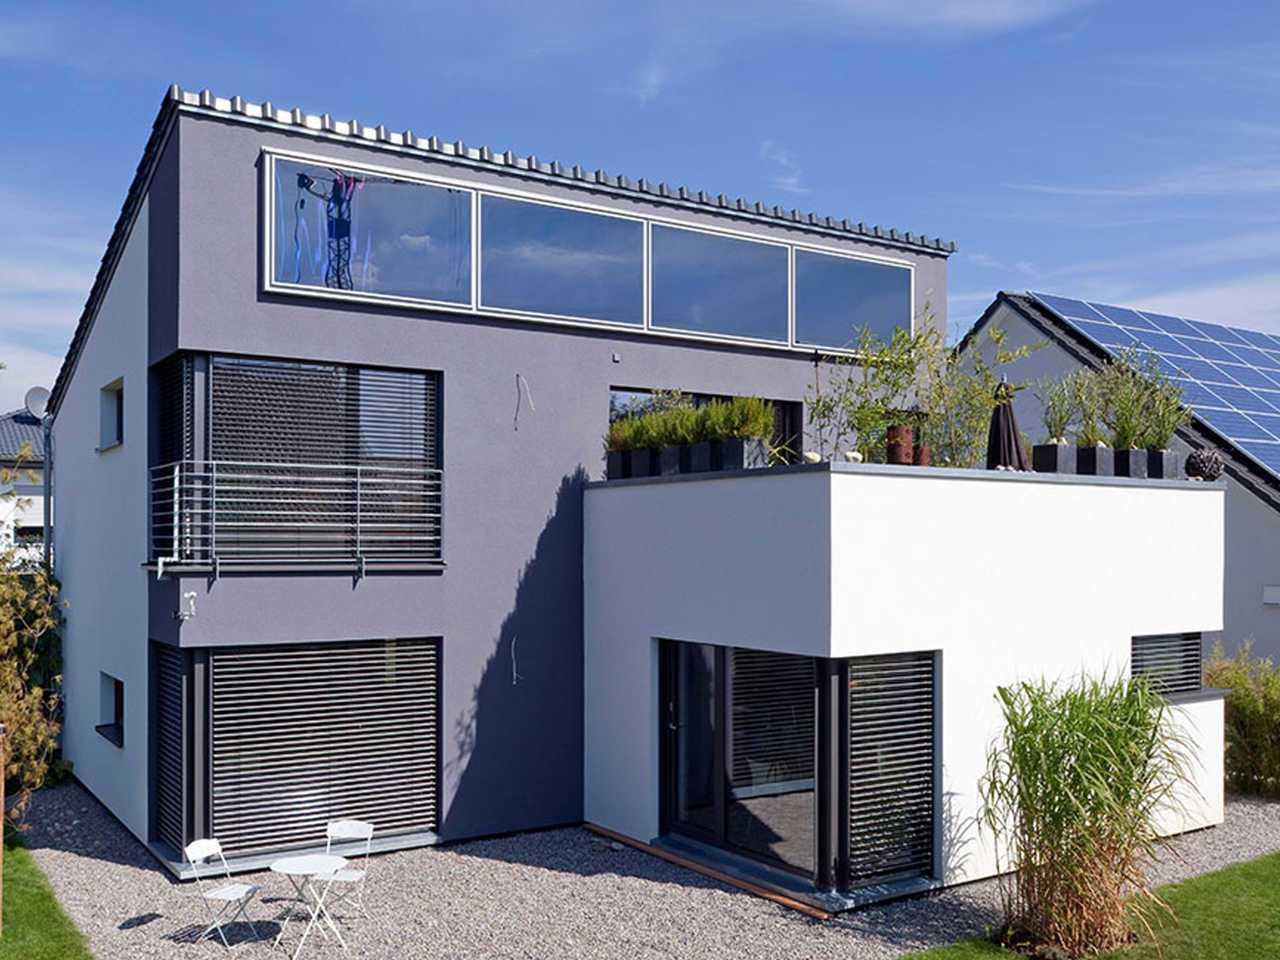 KitzlingerHaus - Kitzlinger Haus Dettingen